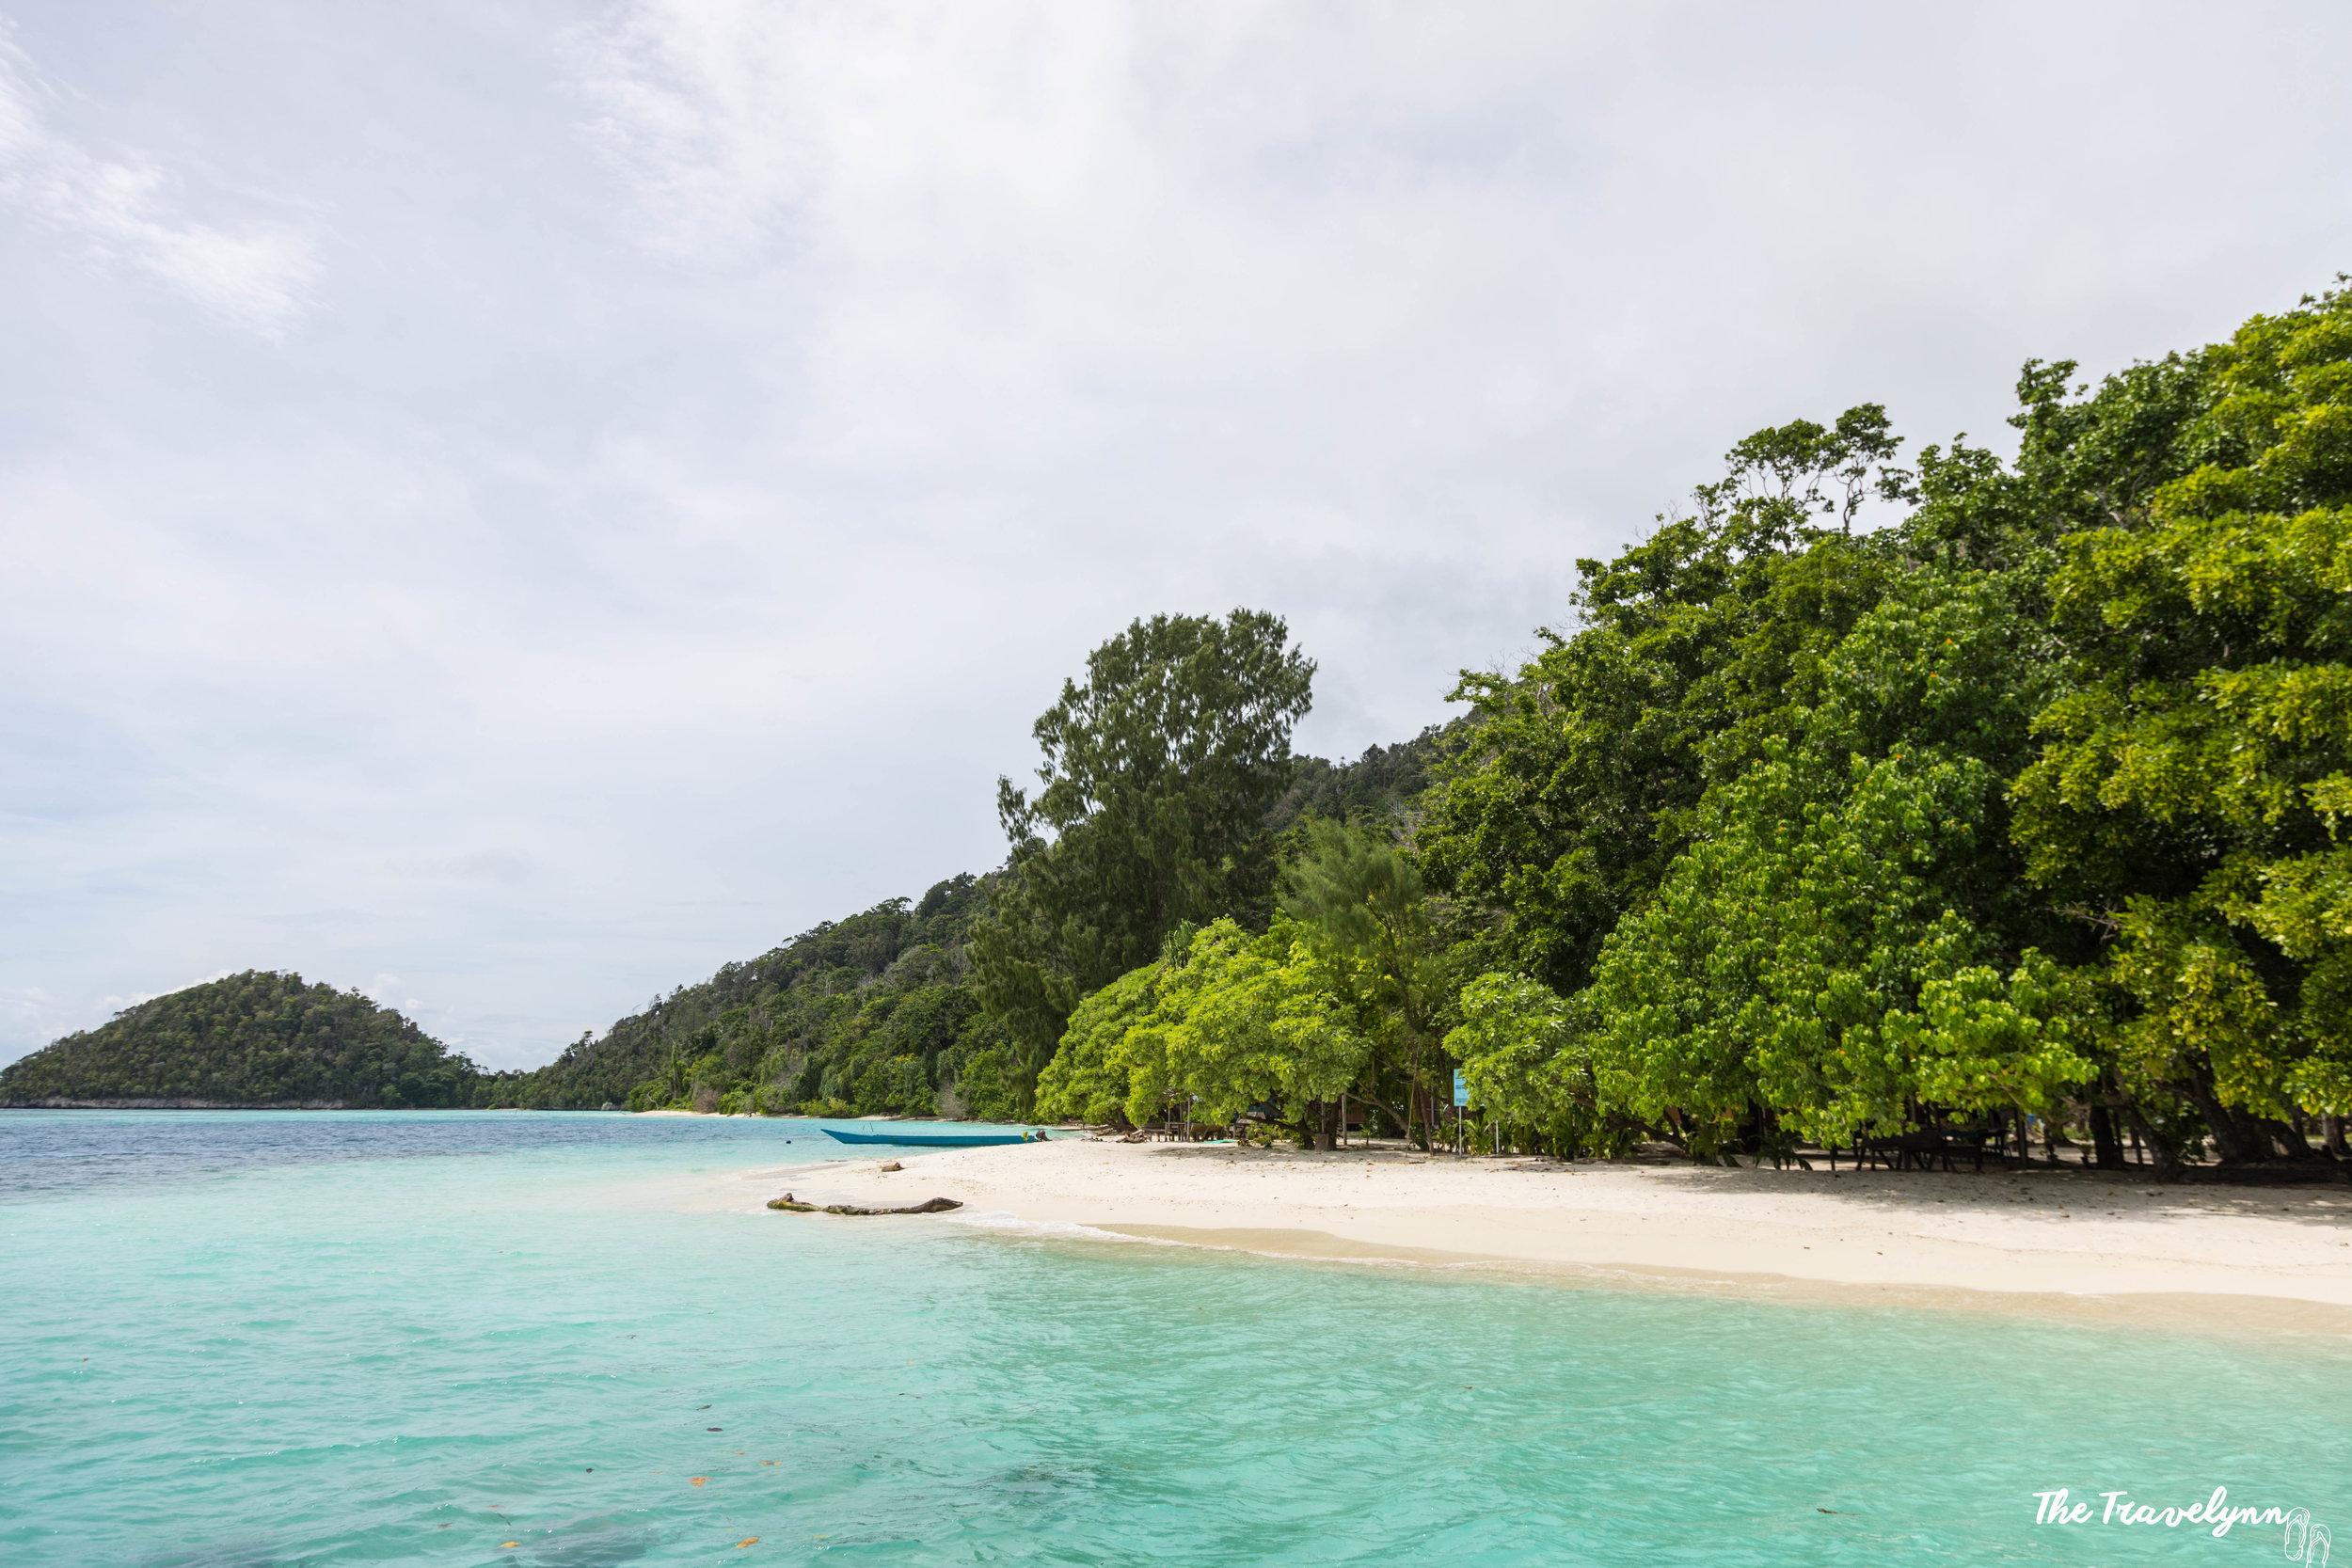 Pristine white sand beaches are a common occurance.